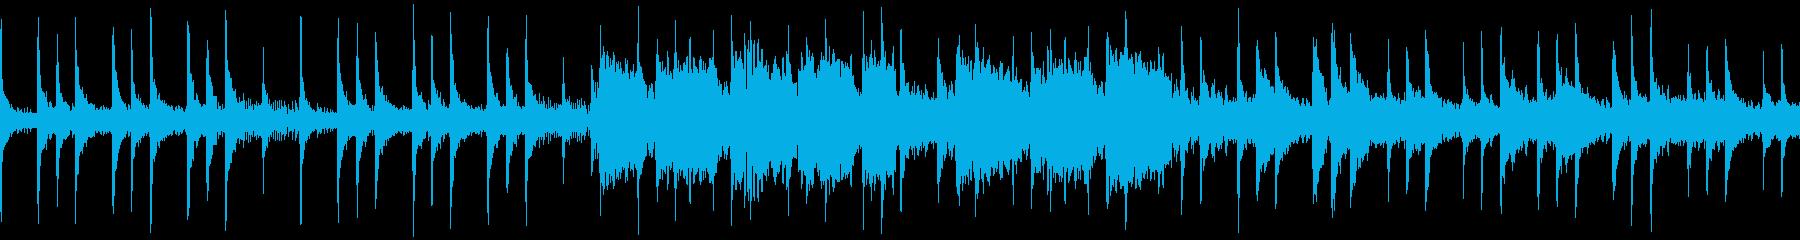 和楽器を使ったゆっくりなシリアス曲の再生済みの波形